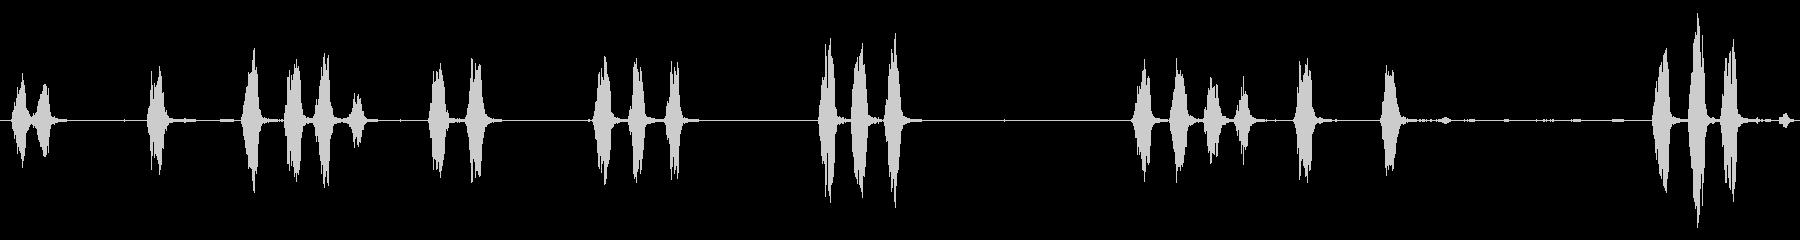 小型犬、ヤッピーバーキング、B / G犬の未再生の波形